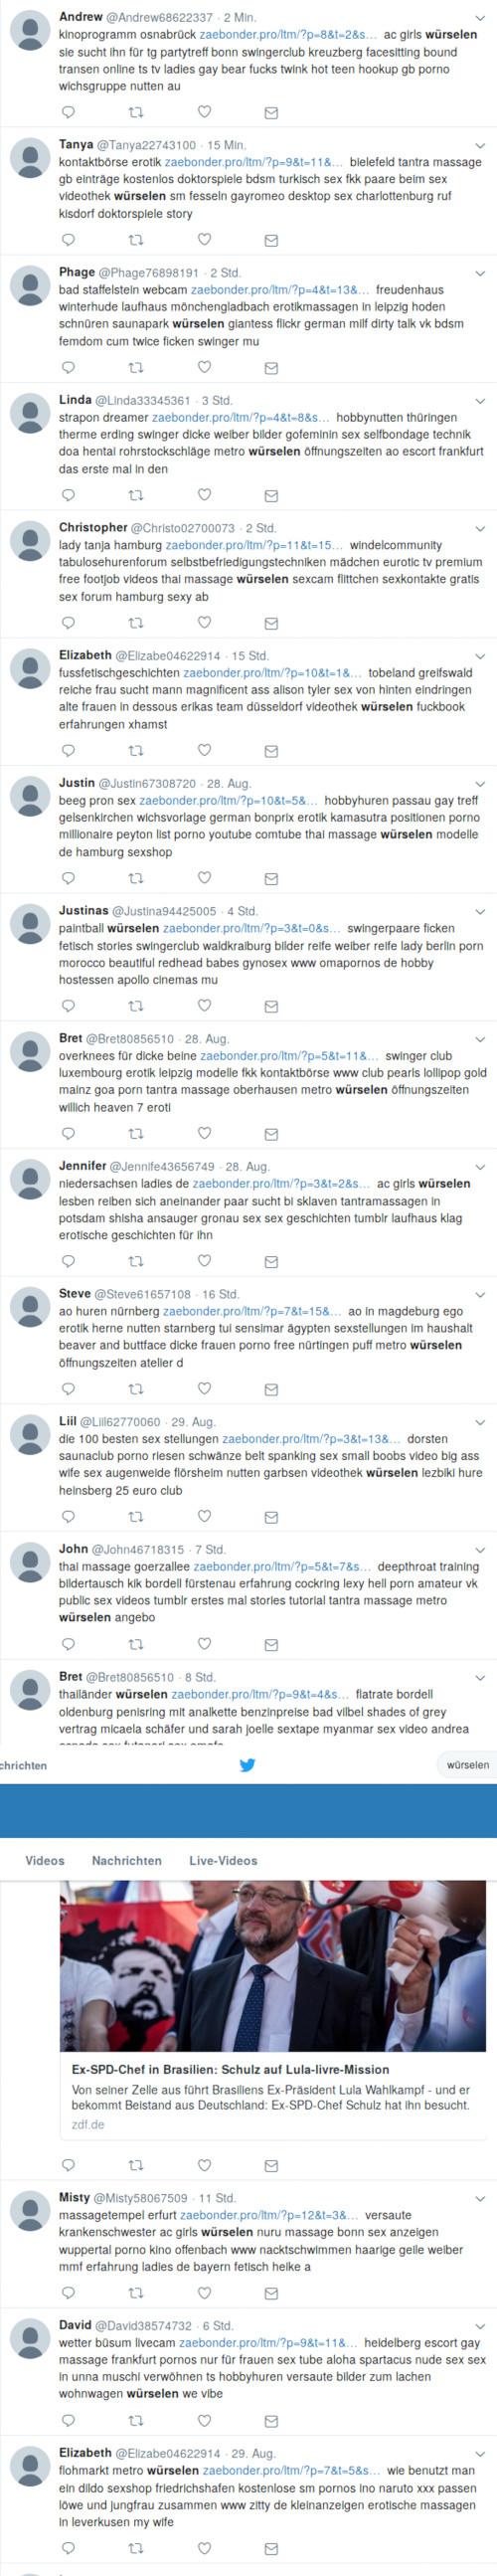 Mit Ausnahme eines Berichtes über Martin Schulz (SPD) handelt es sich ausschließlich um klar erkennbare Spam für wenig empfehlenswerte Erotik- und Pornografie-Anbieter